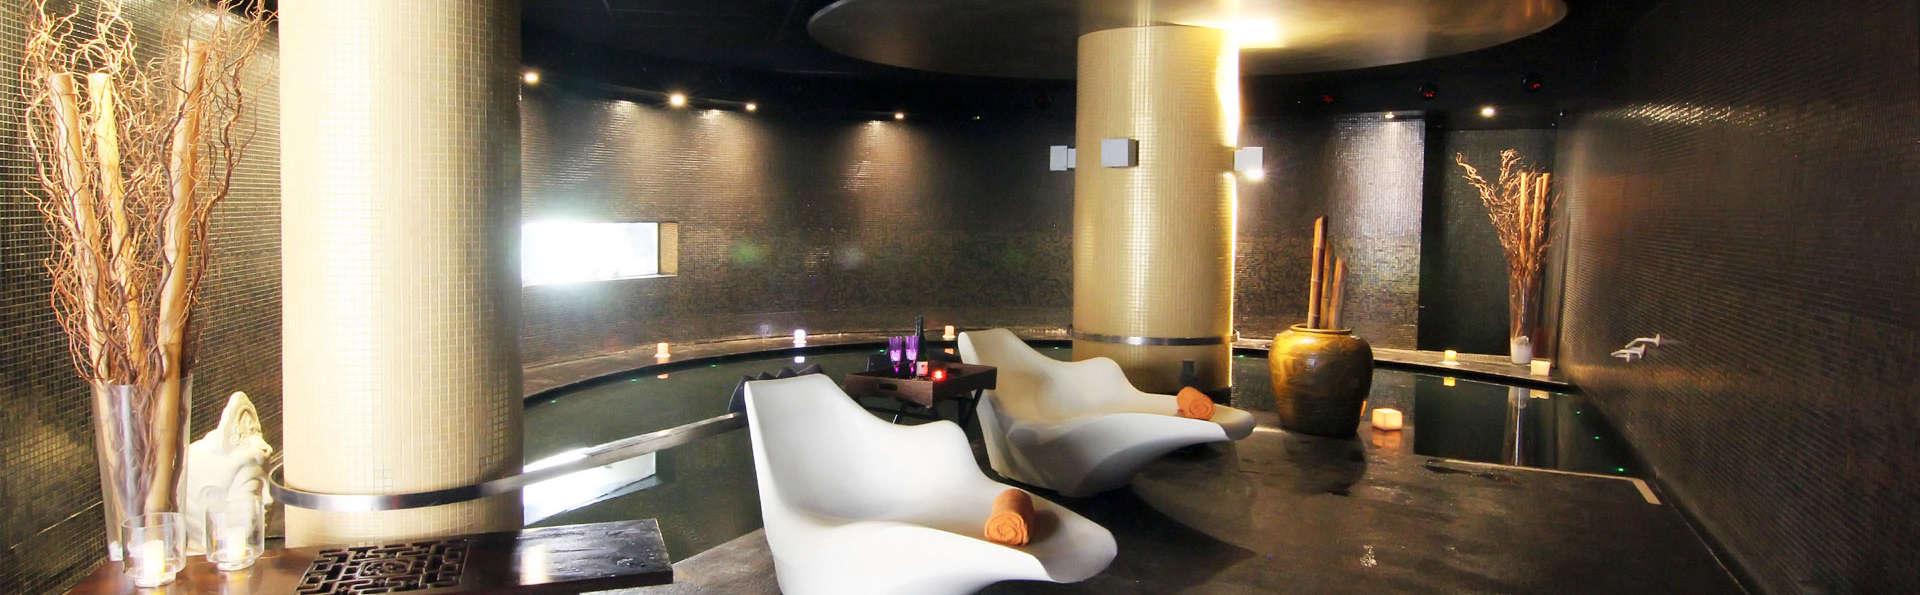 Lujo y Relax en un exclusivo hotel de Logroño con acceso a spa